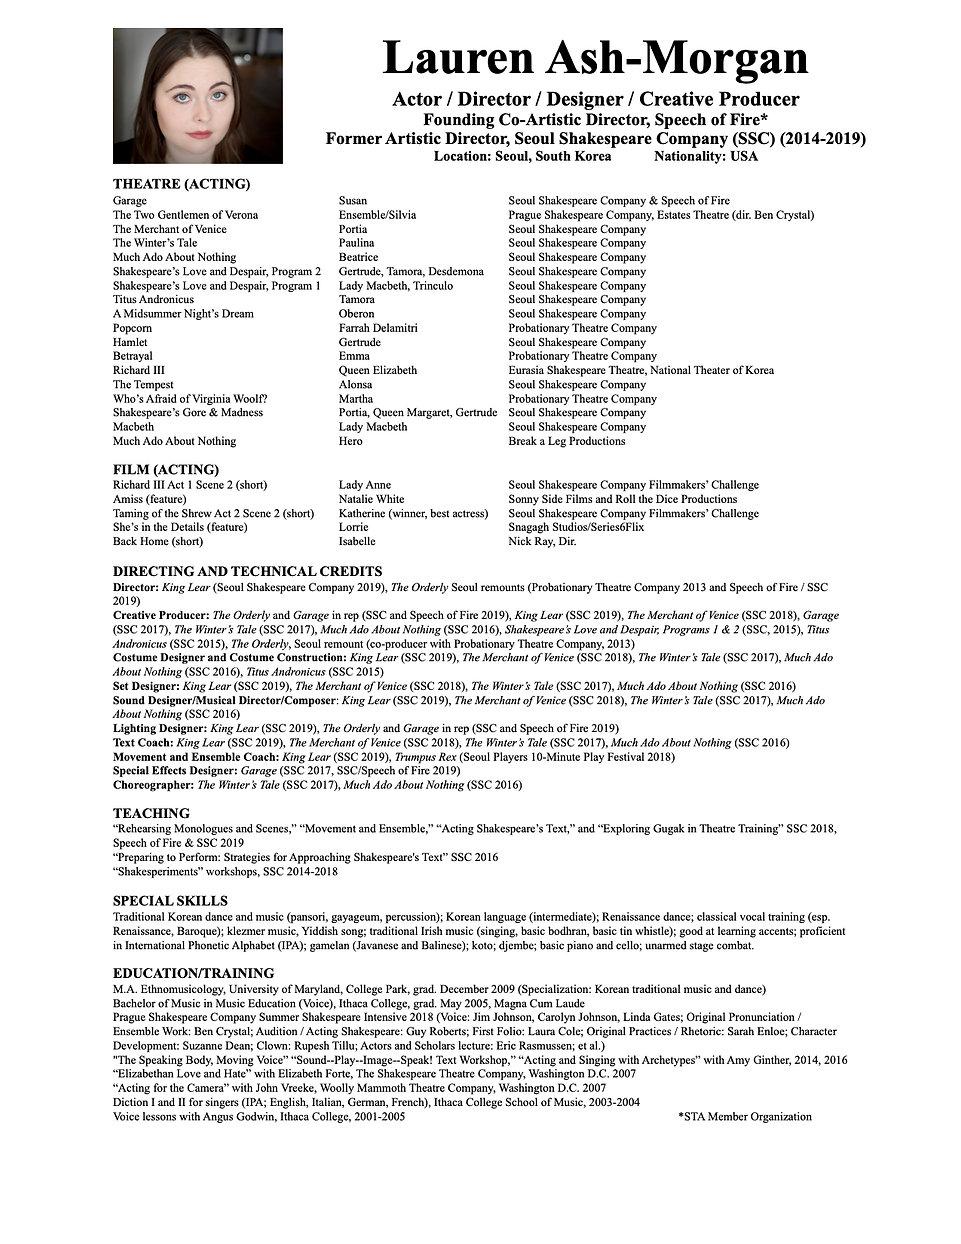 Lauren Ash-Morgan Resume (May 5, 2020) (